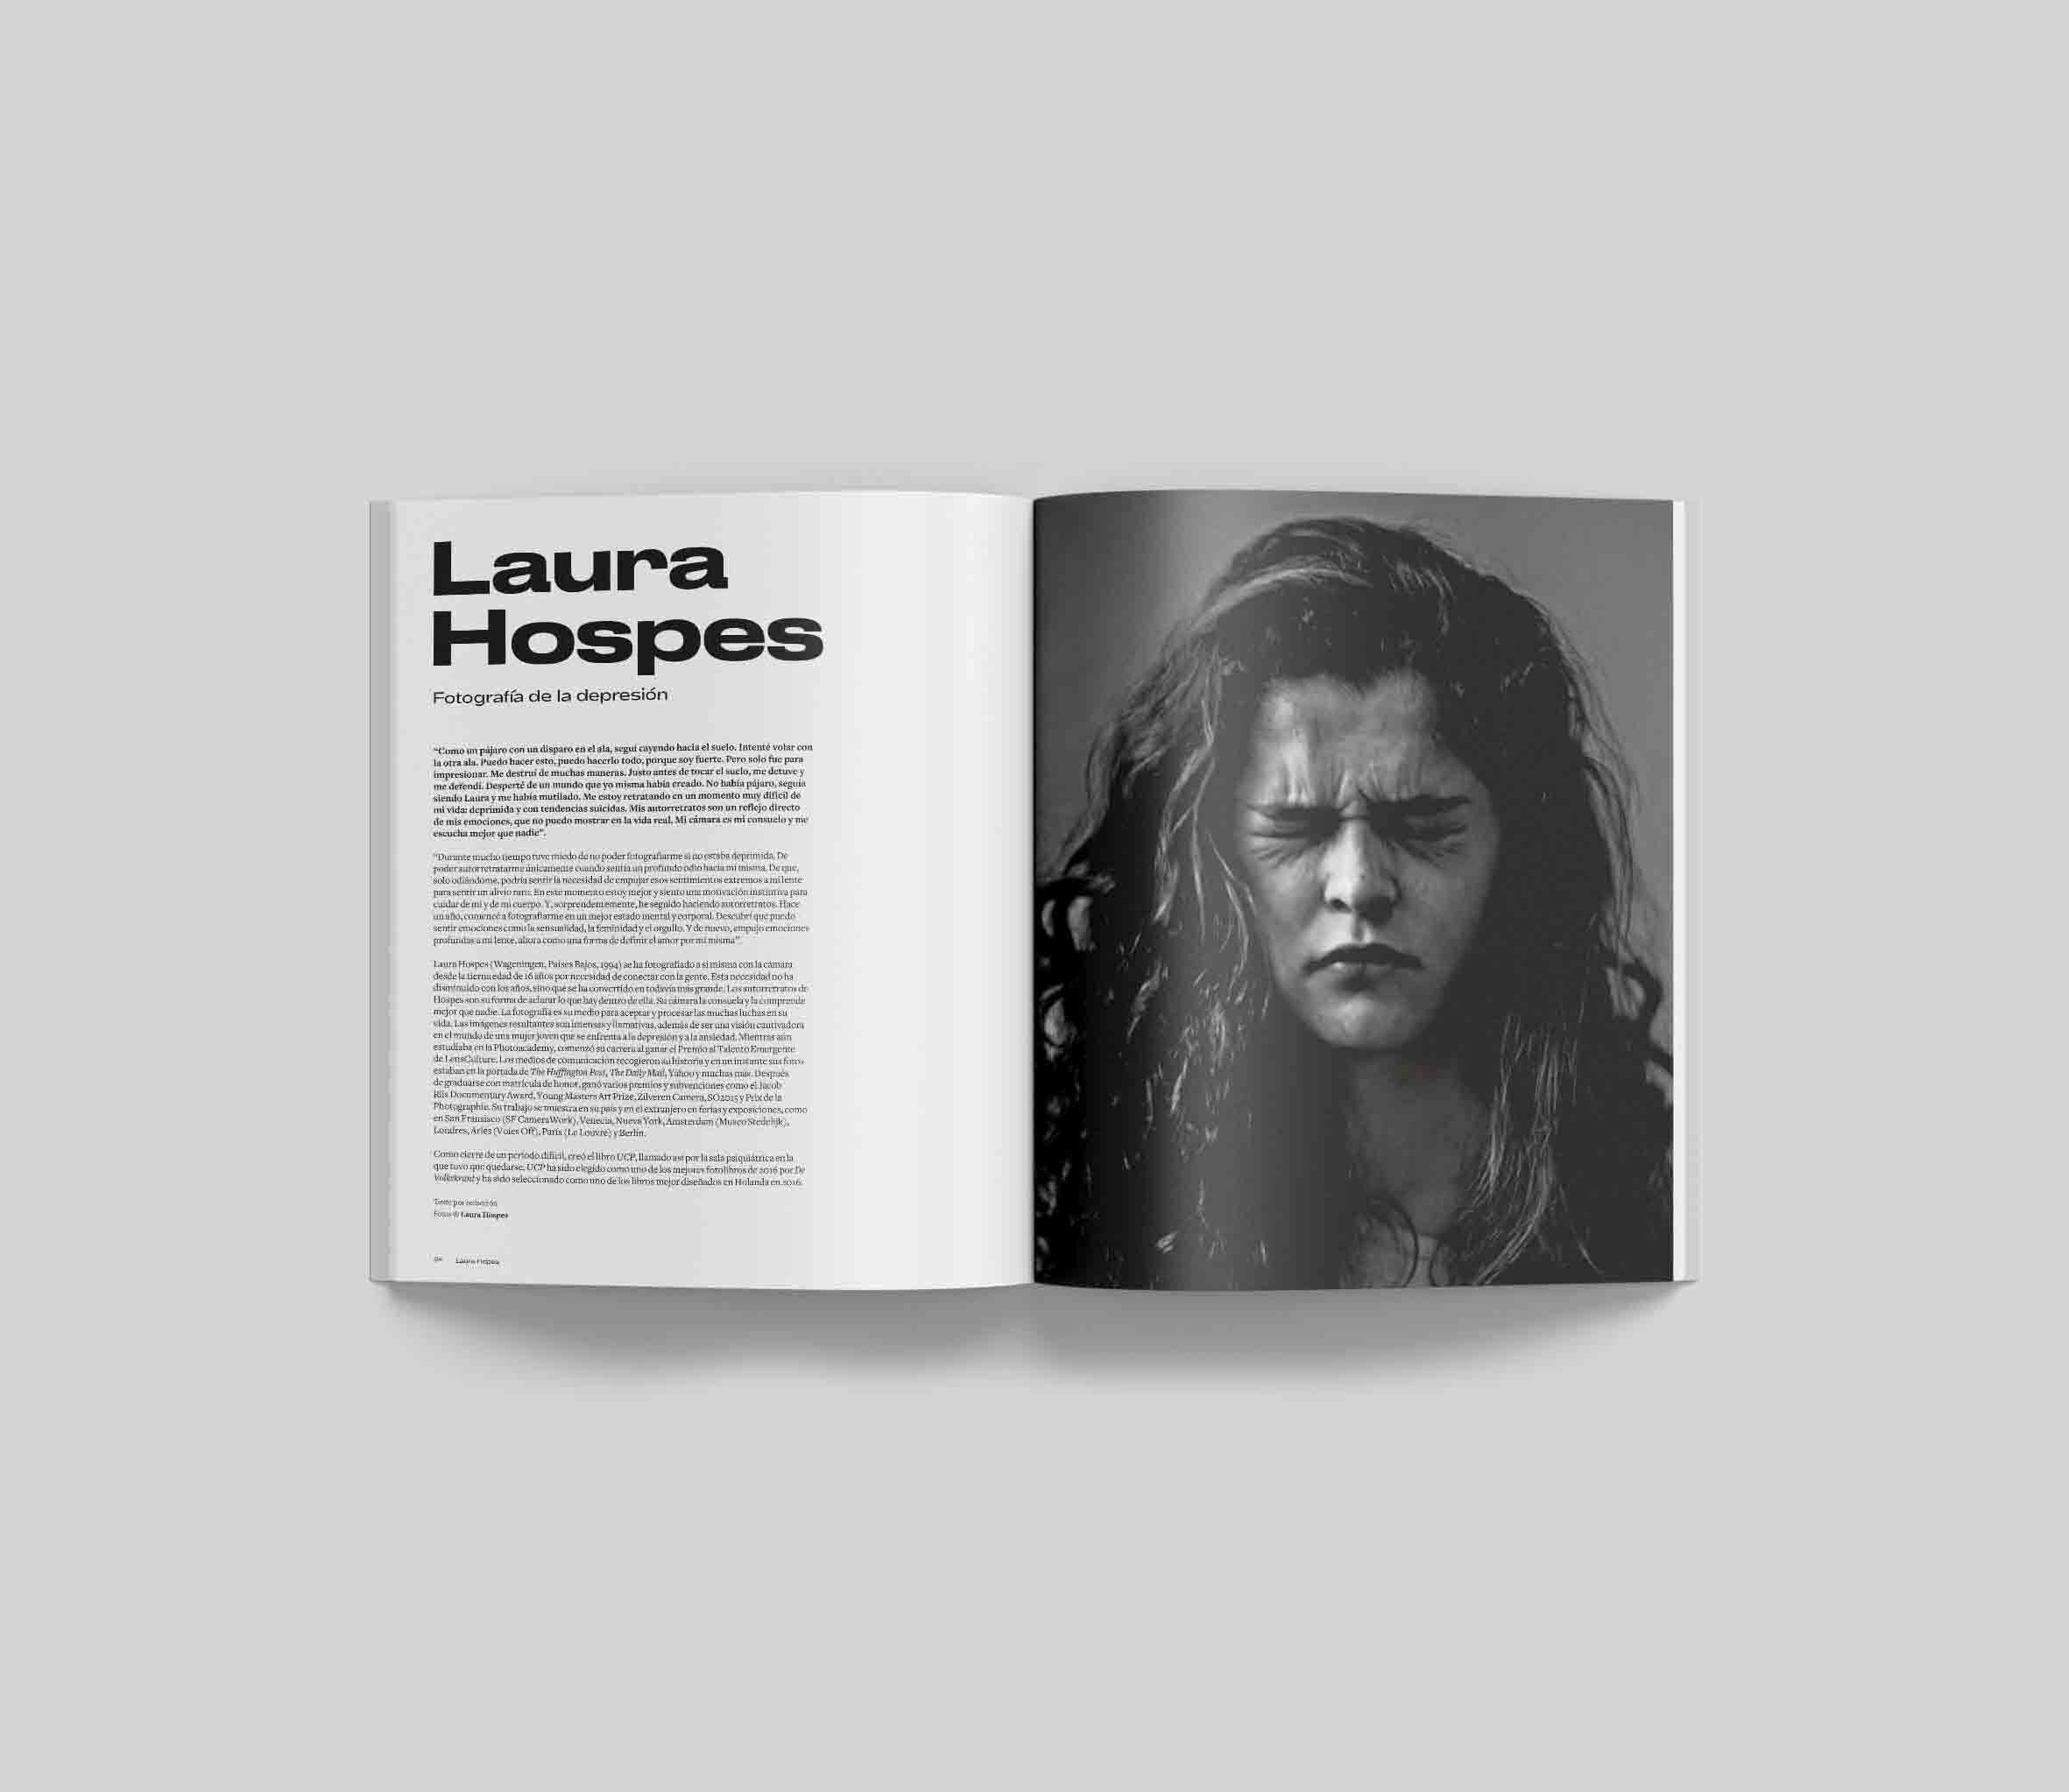 Laura Hospes